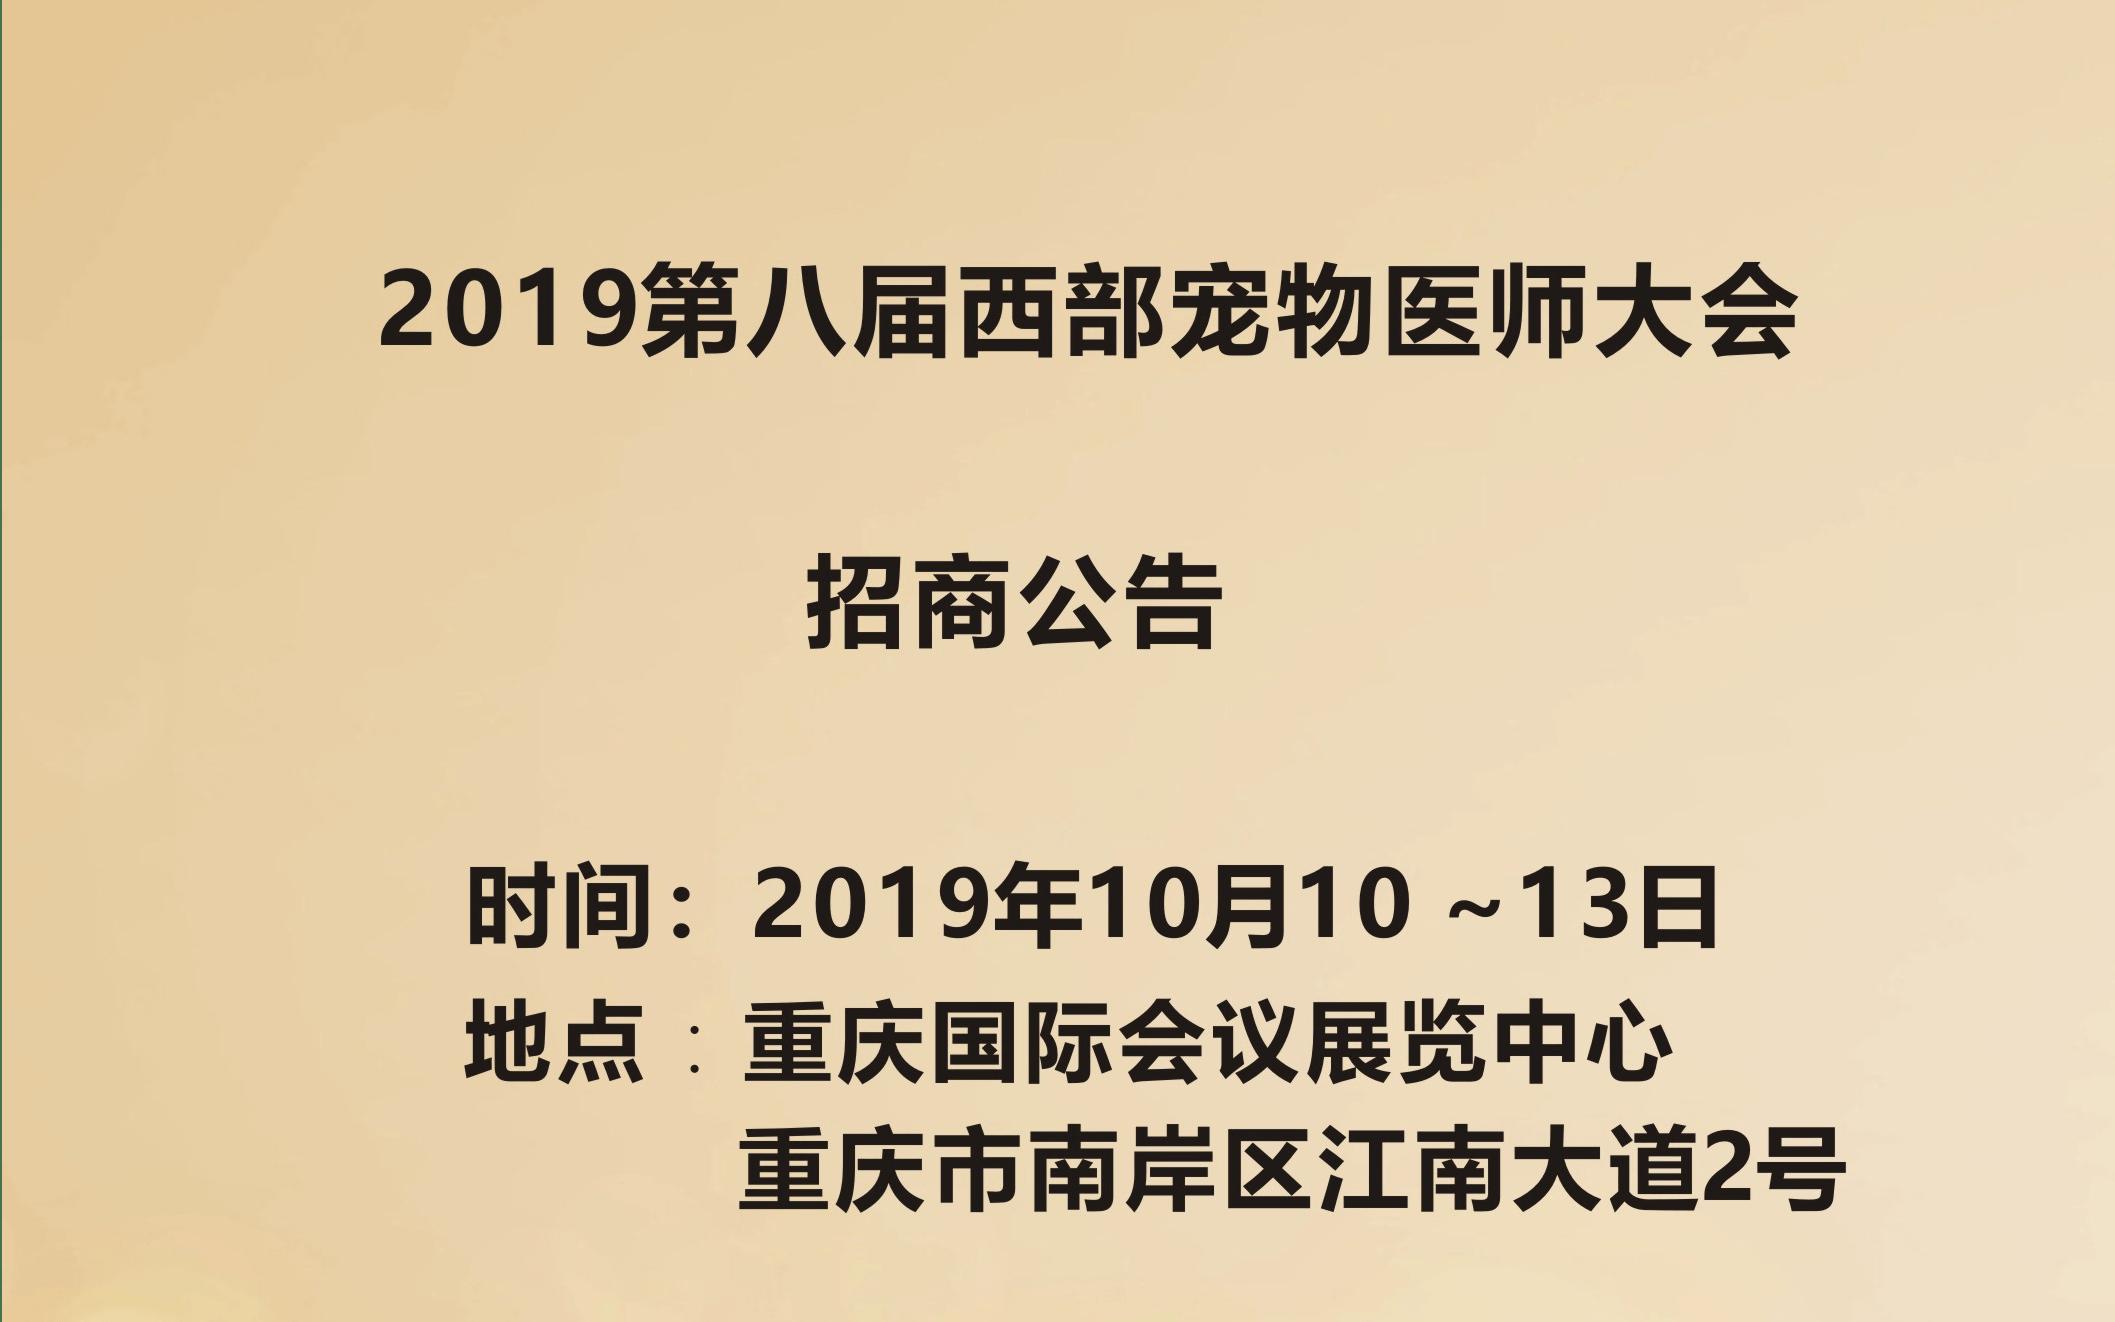 2019第八届西部宠物医师大会(重庆)